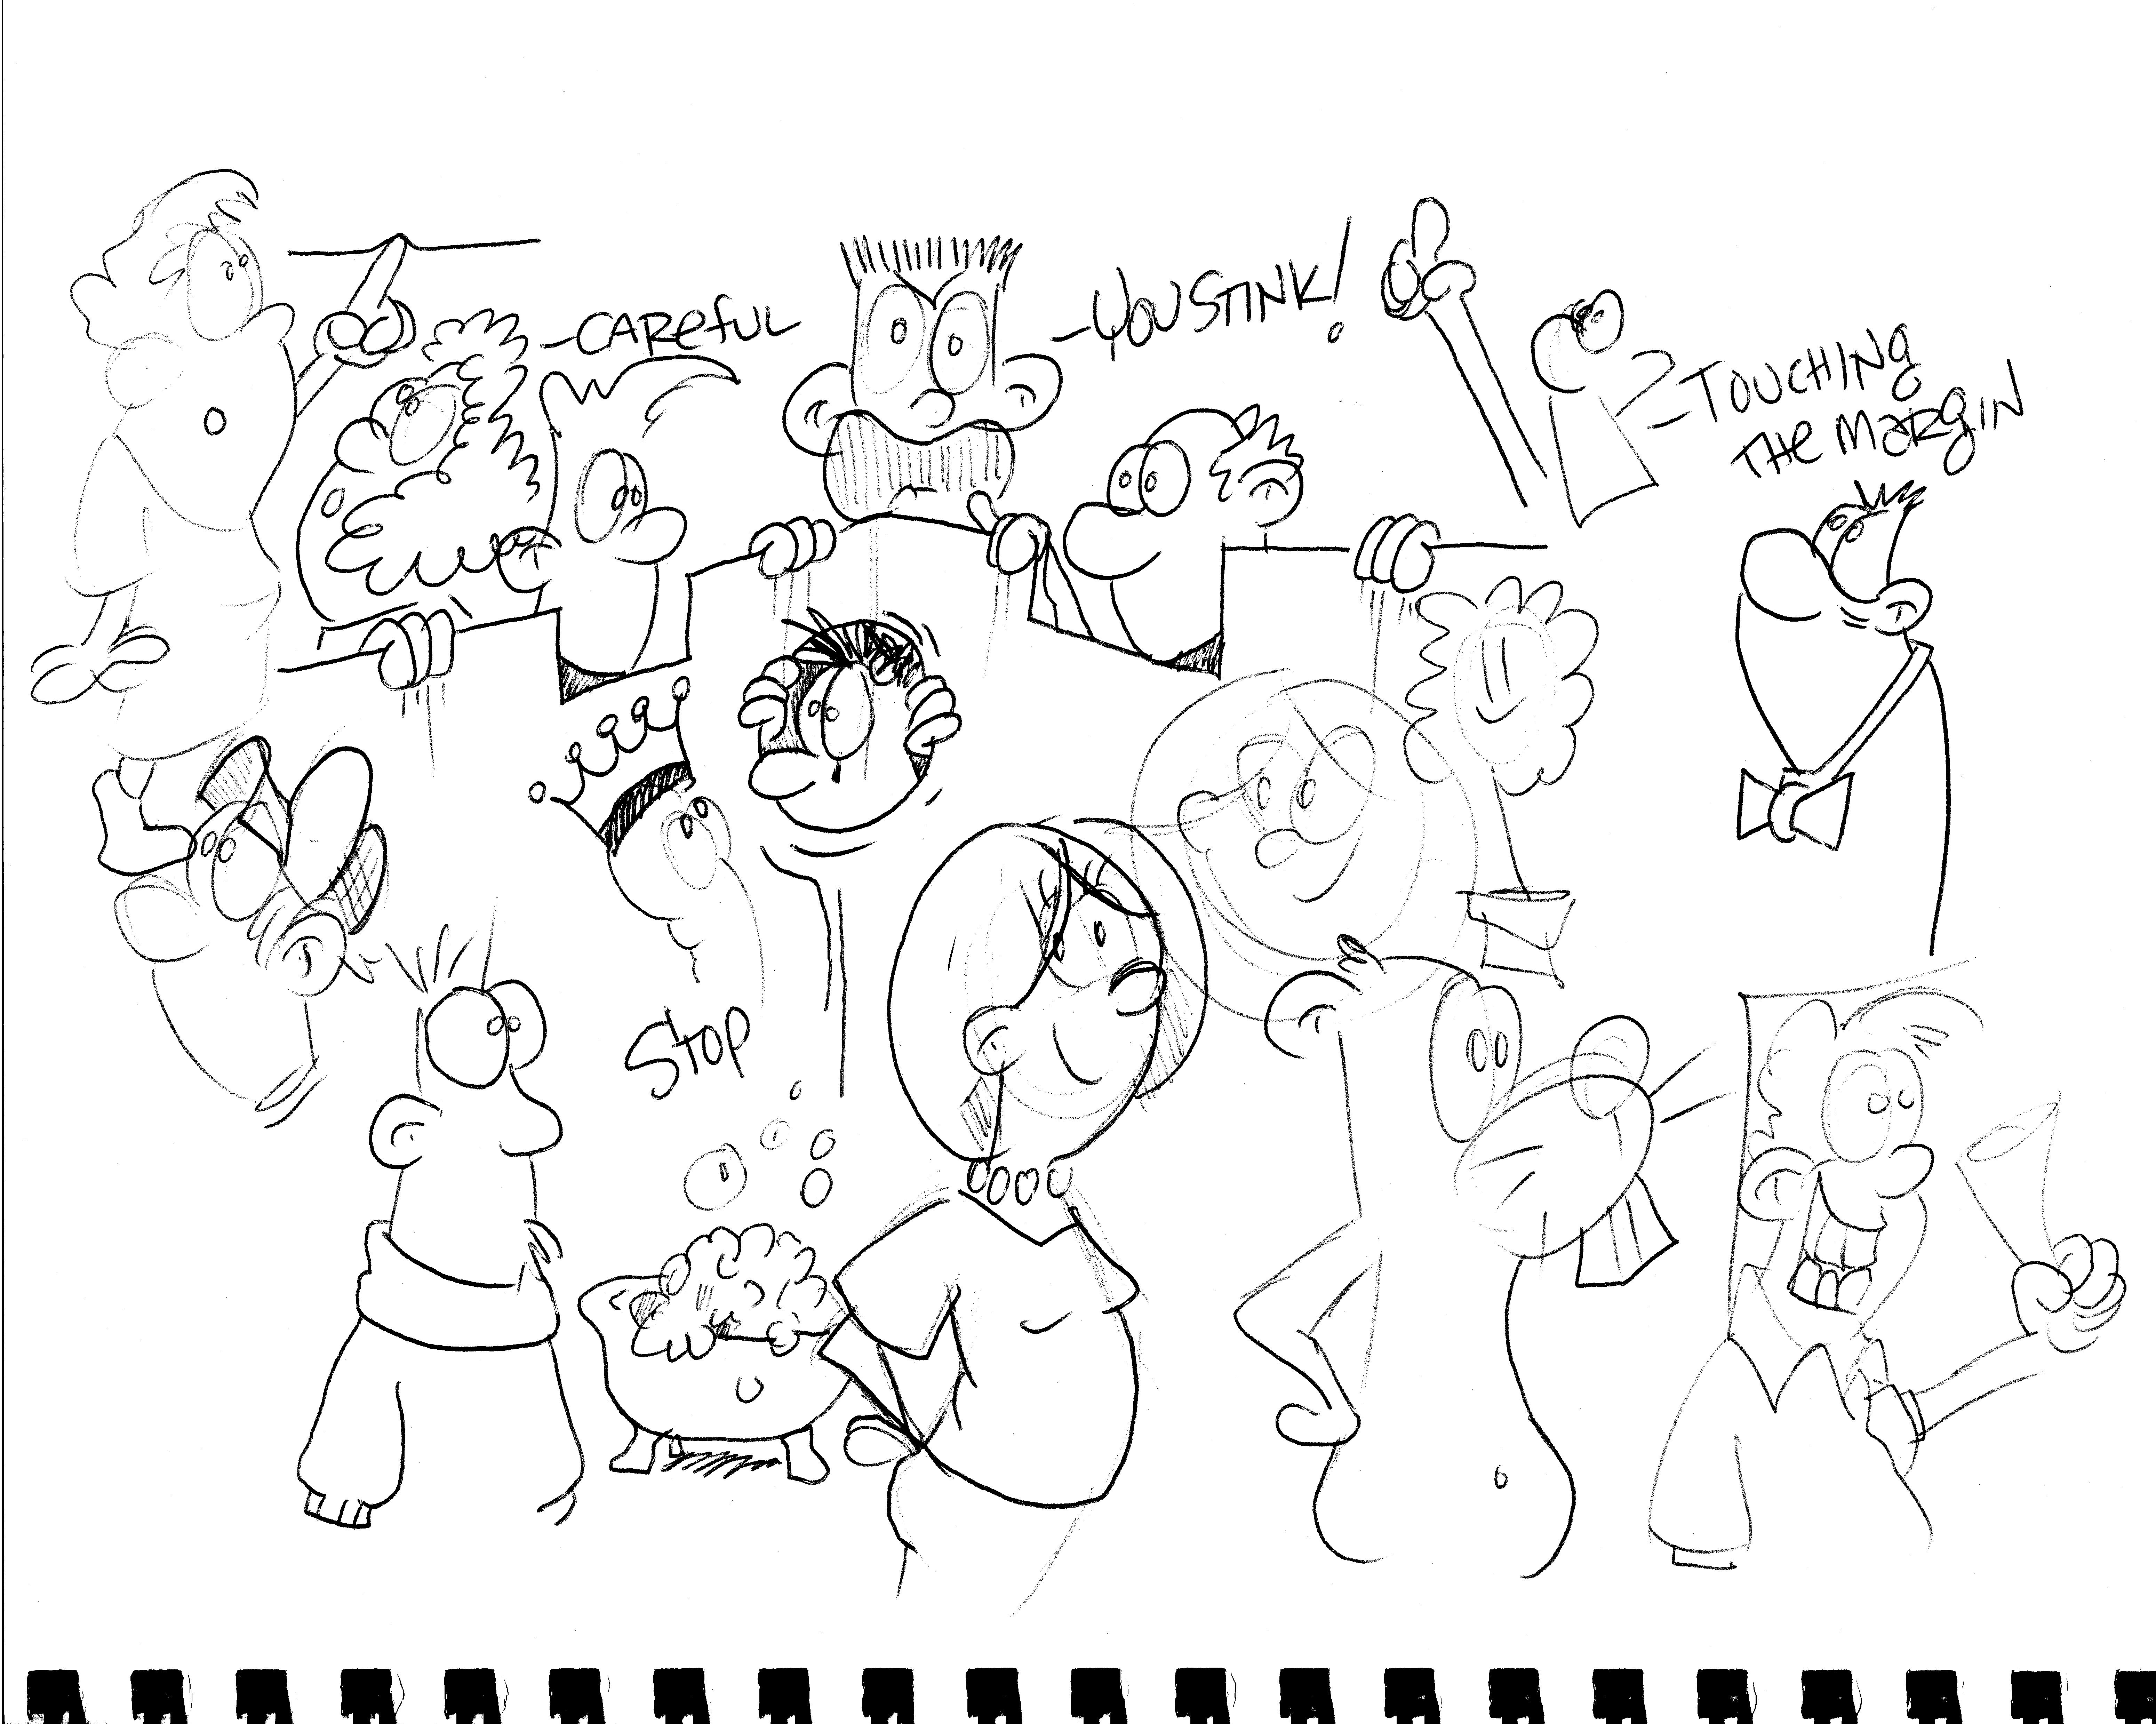 6198x4956 Fence, Neighbors, Bubble Bath, Boon, Cartoons, Cartoonist For Hire